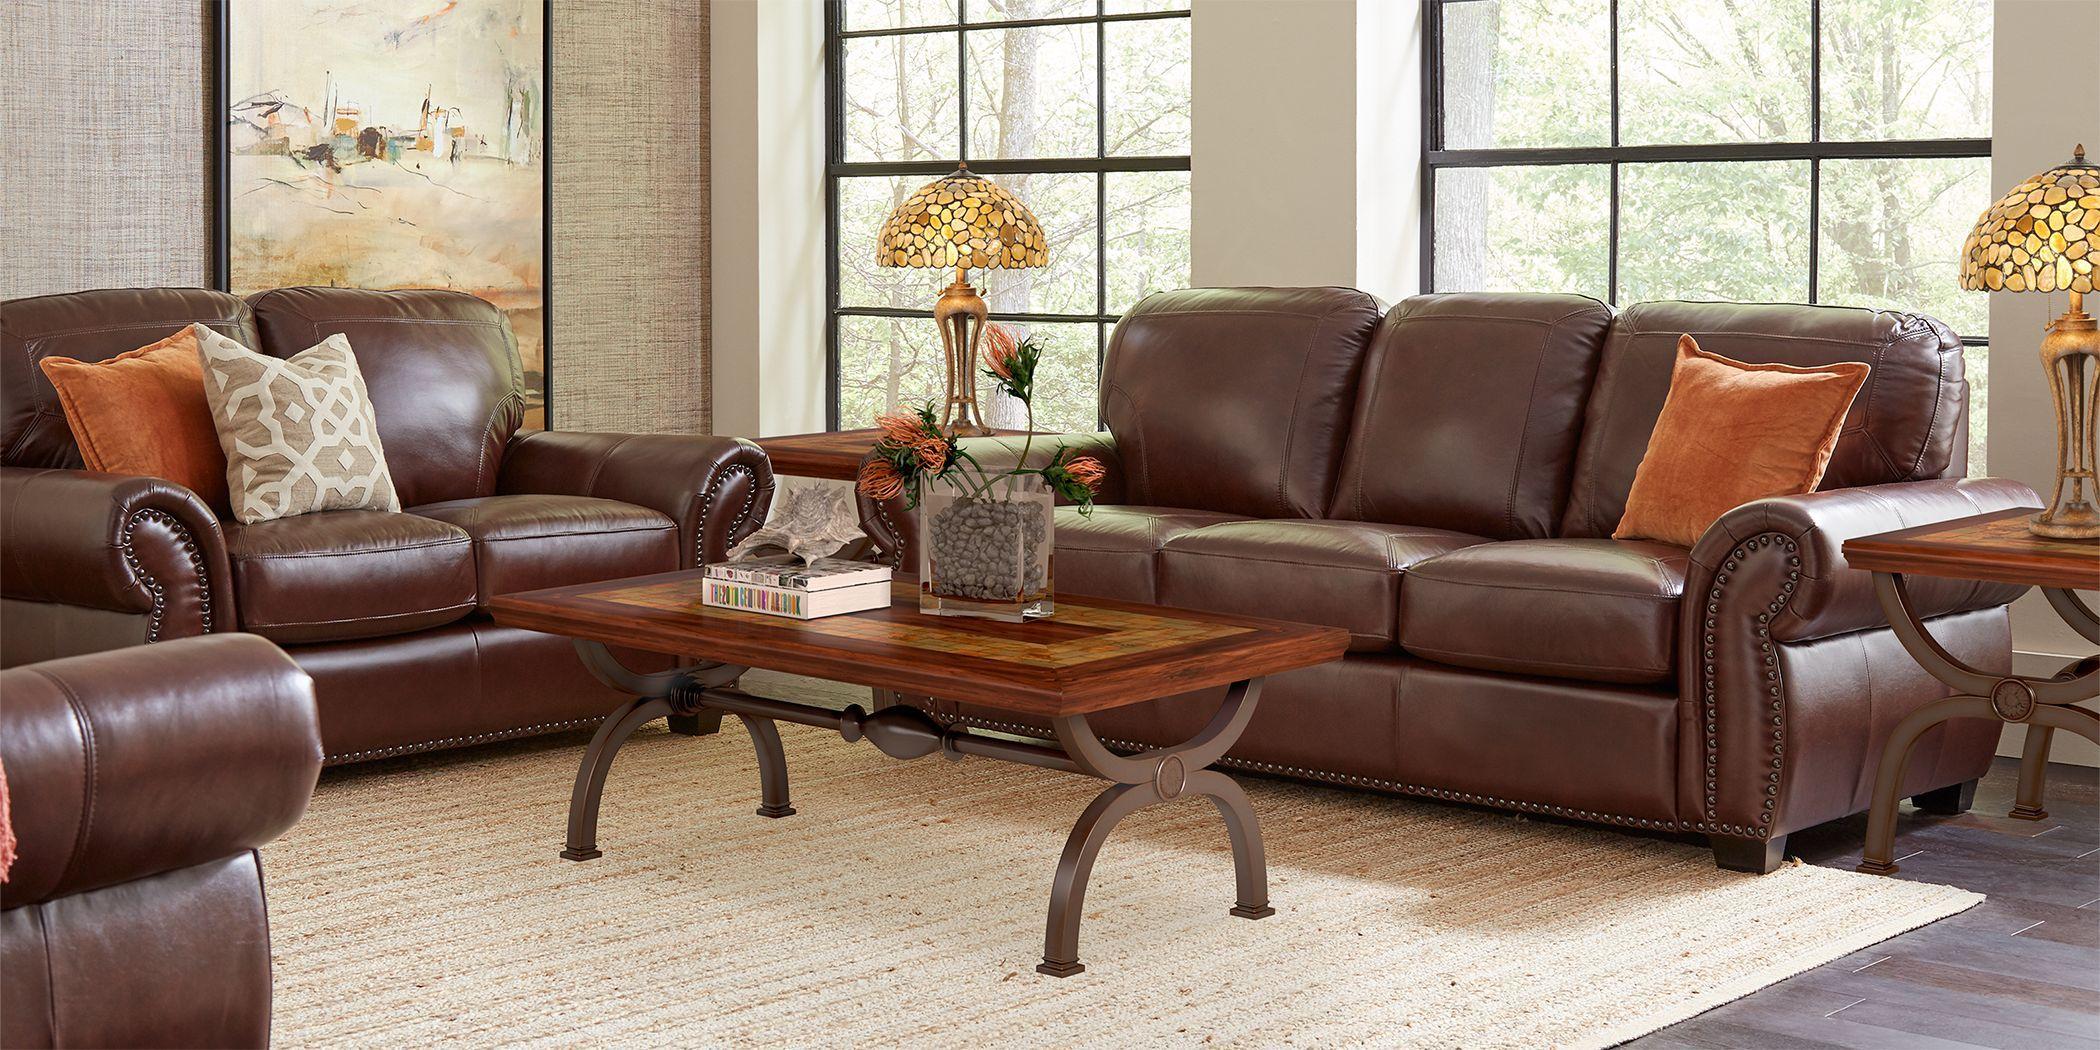 Living Room Furniture Sets For Sale Living Room Sets Furniture Leather Couch Decorating Leather Couches Living Room Leather living room sets for sale